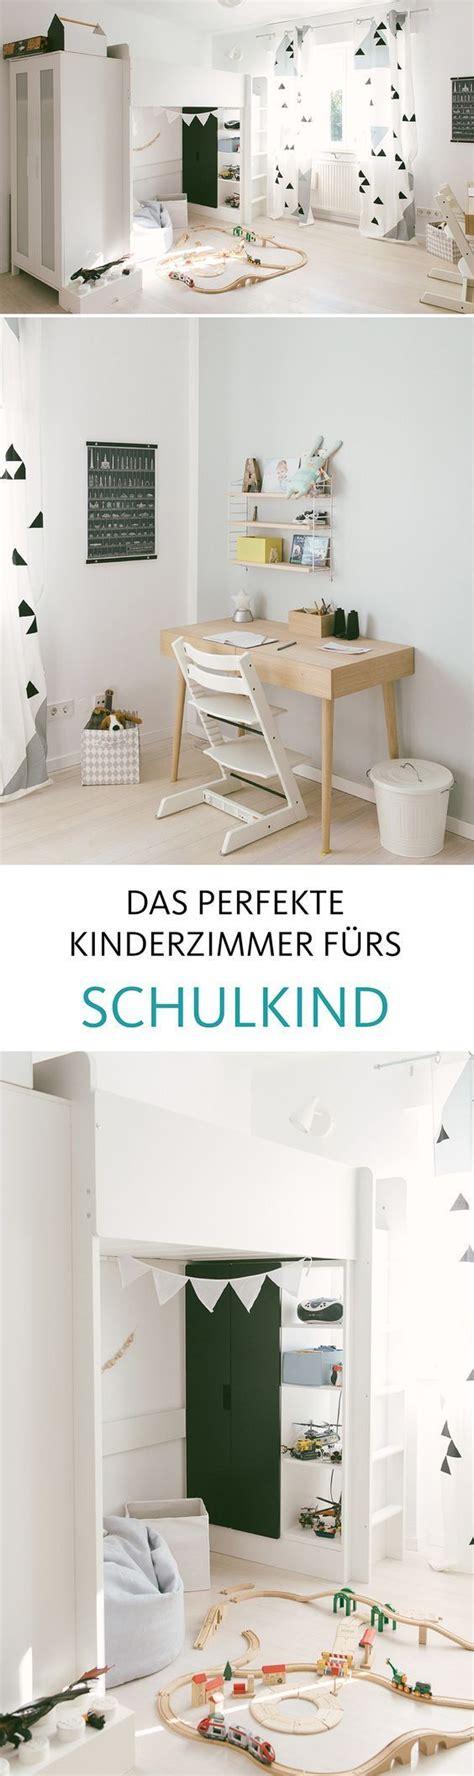 Kinderzimmer Ideen Schulkind by Kinderzimmer Gem 252 Tlich Einrichten So Geht S Ideen F 252 R